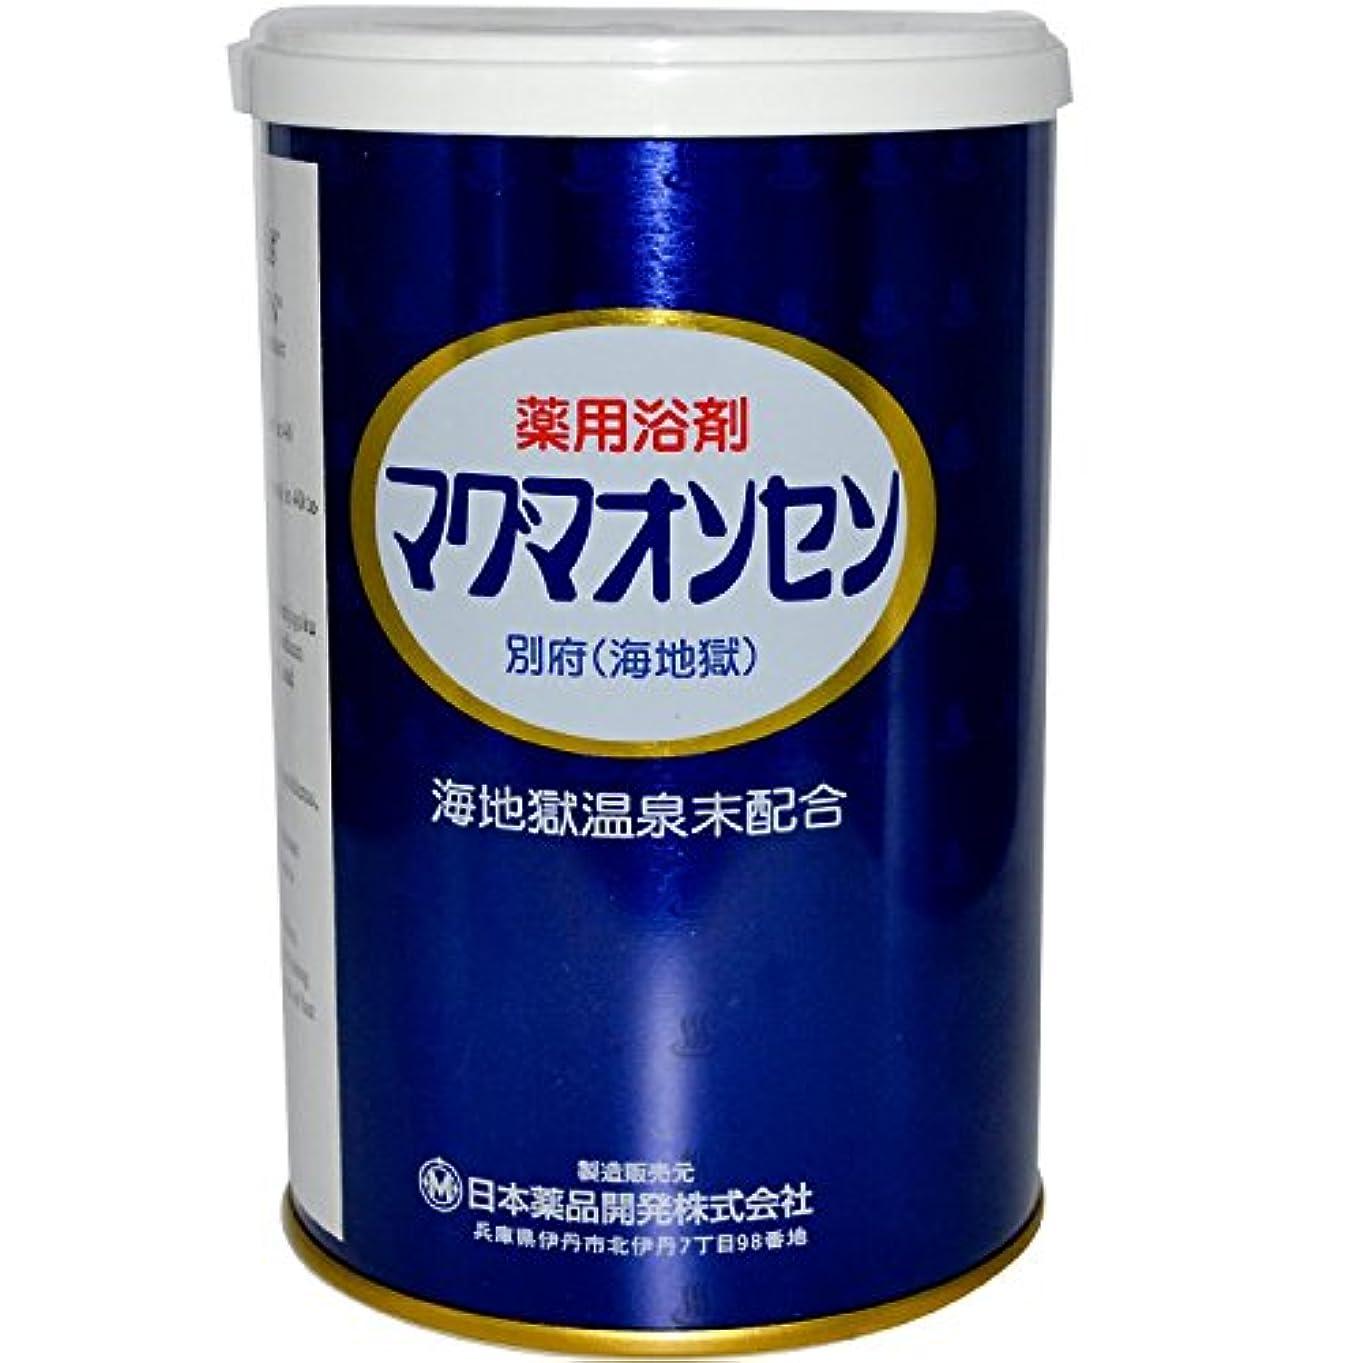 ホバートアルカトラズ島ツーリストマグマオンセン別府(海地獄) 500g三缶